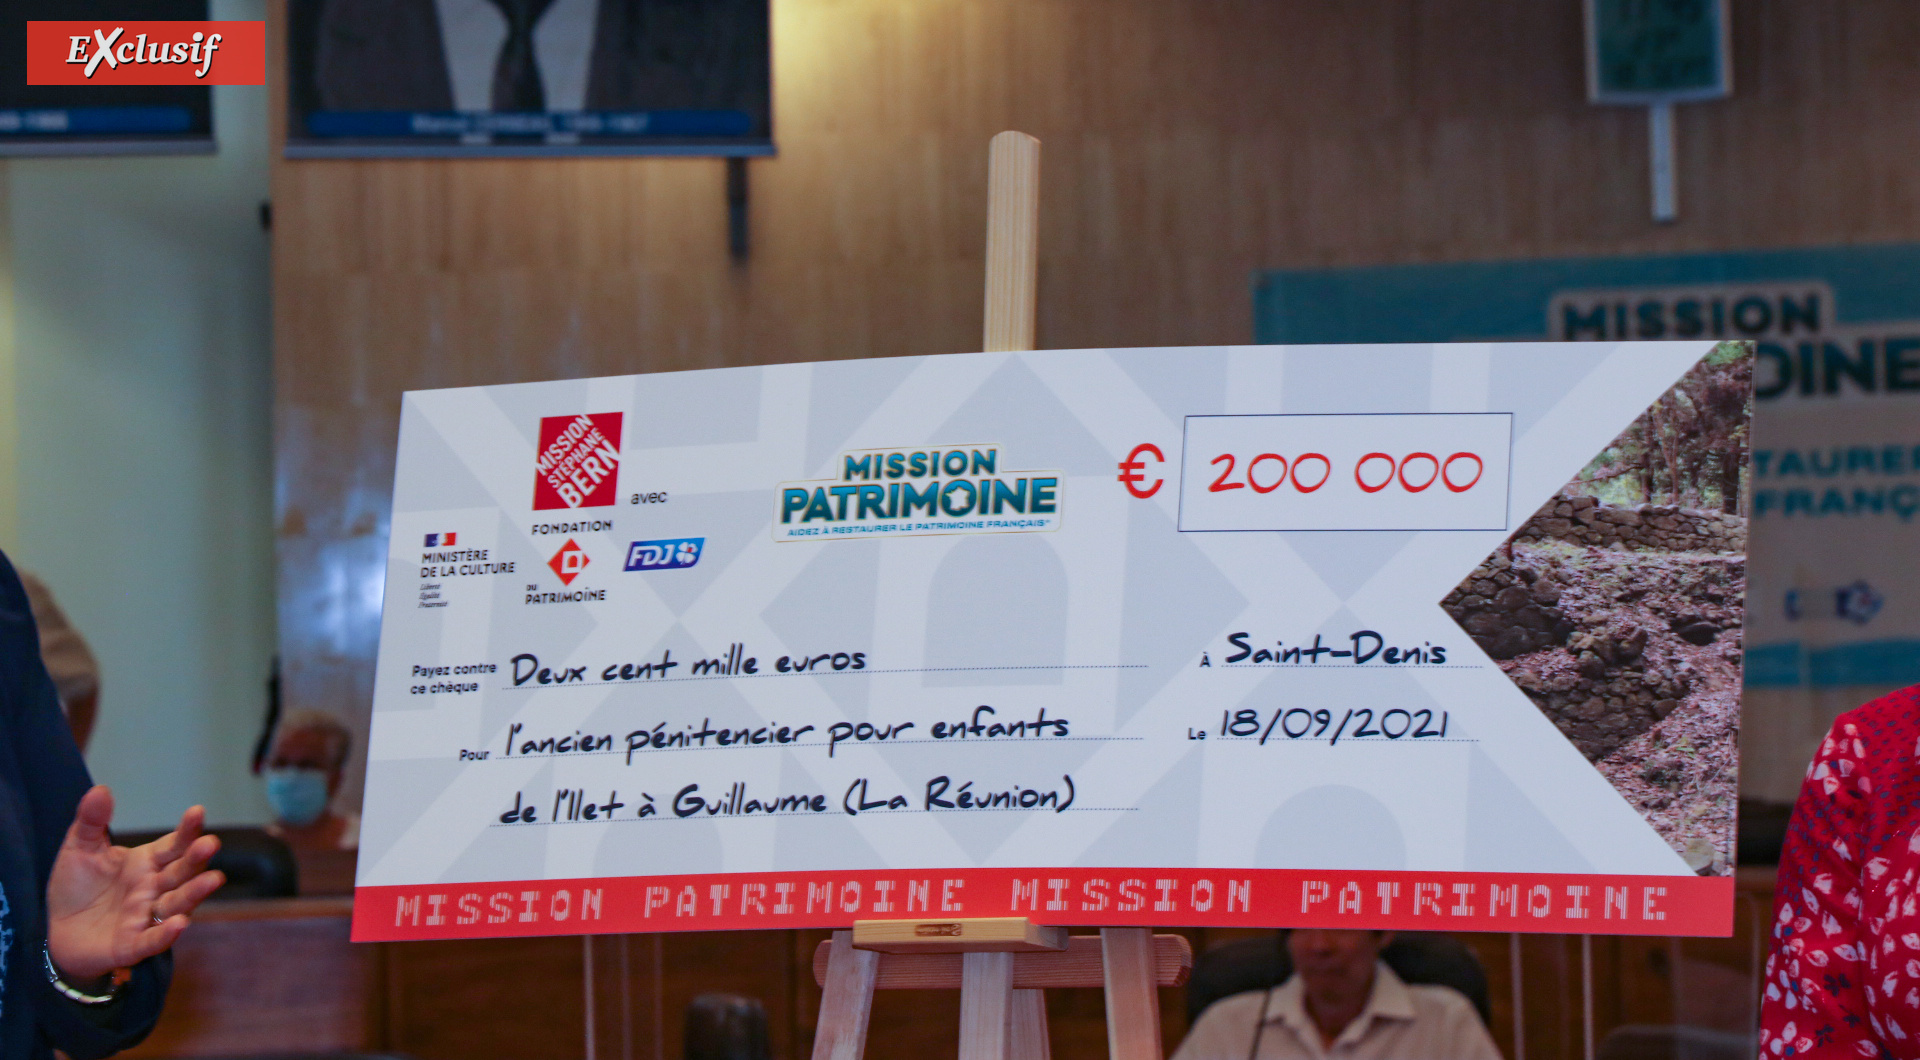 Loto du Patrimoine: 200 000€ pour le pénitencier pour enfants de l'Ilet à Guillaume